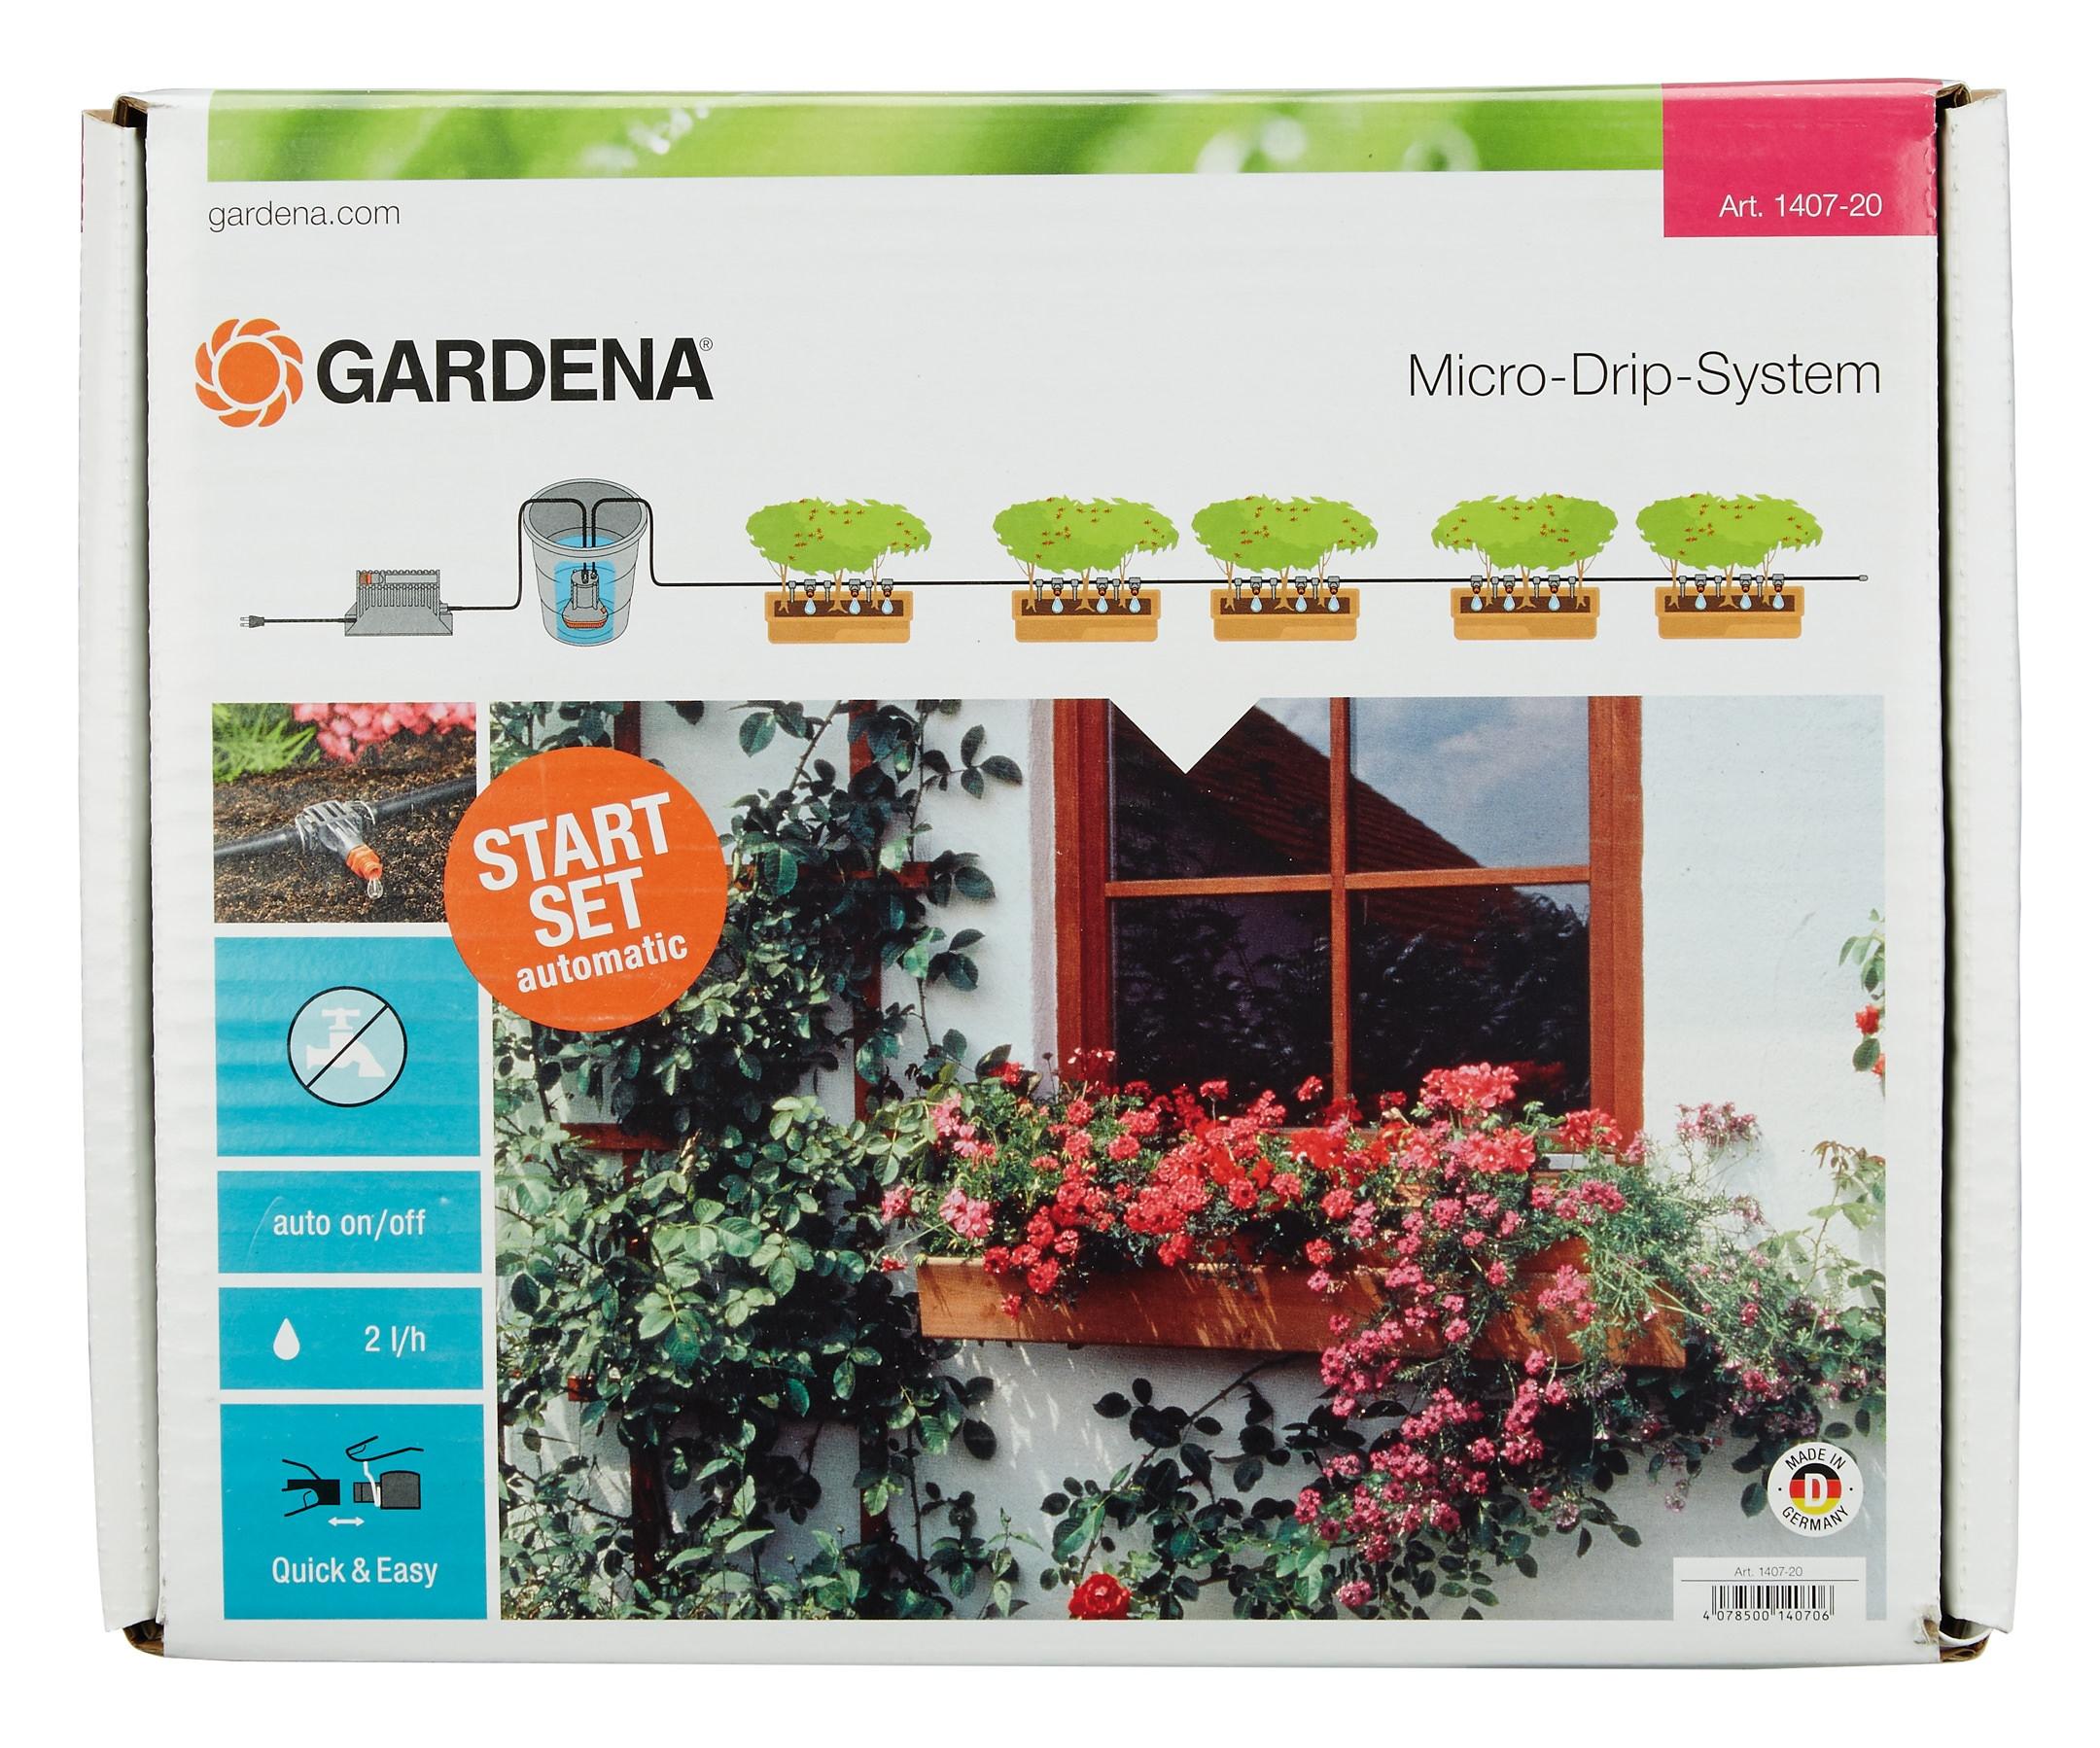 Gardena city gardening Vollautomatische Blumenkastenbewässerung - 01407-20